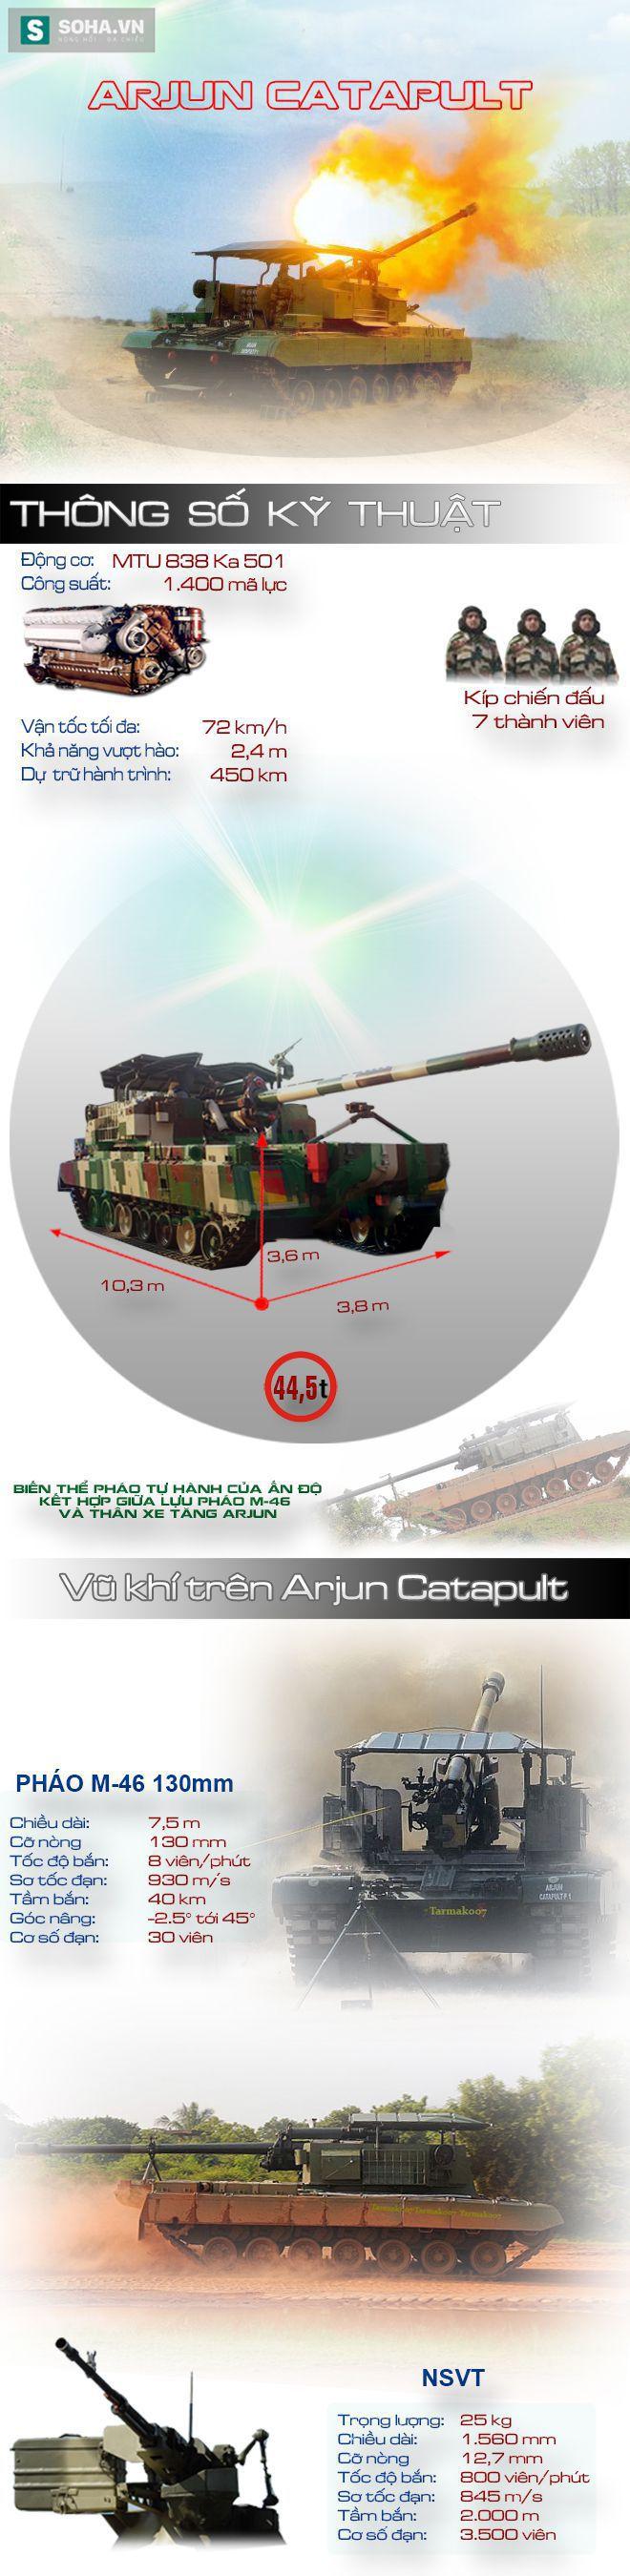 Arjun Catapult - Hệ thống pháo tự hành kết hợp siêu độc đáo của Ấn Độ - Ảnh 1.